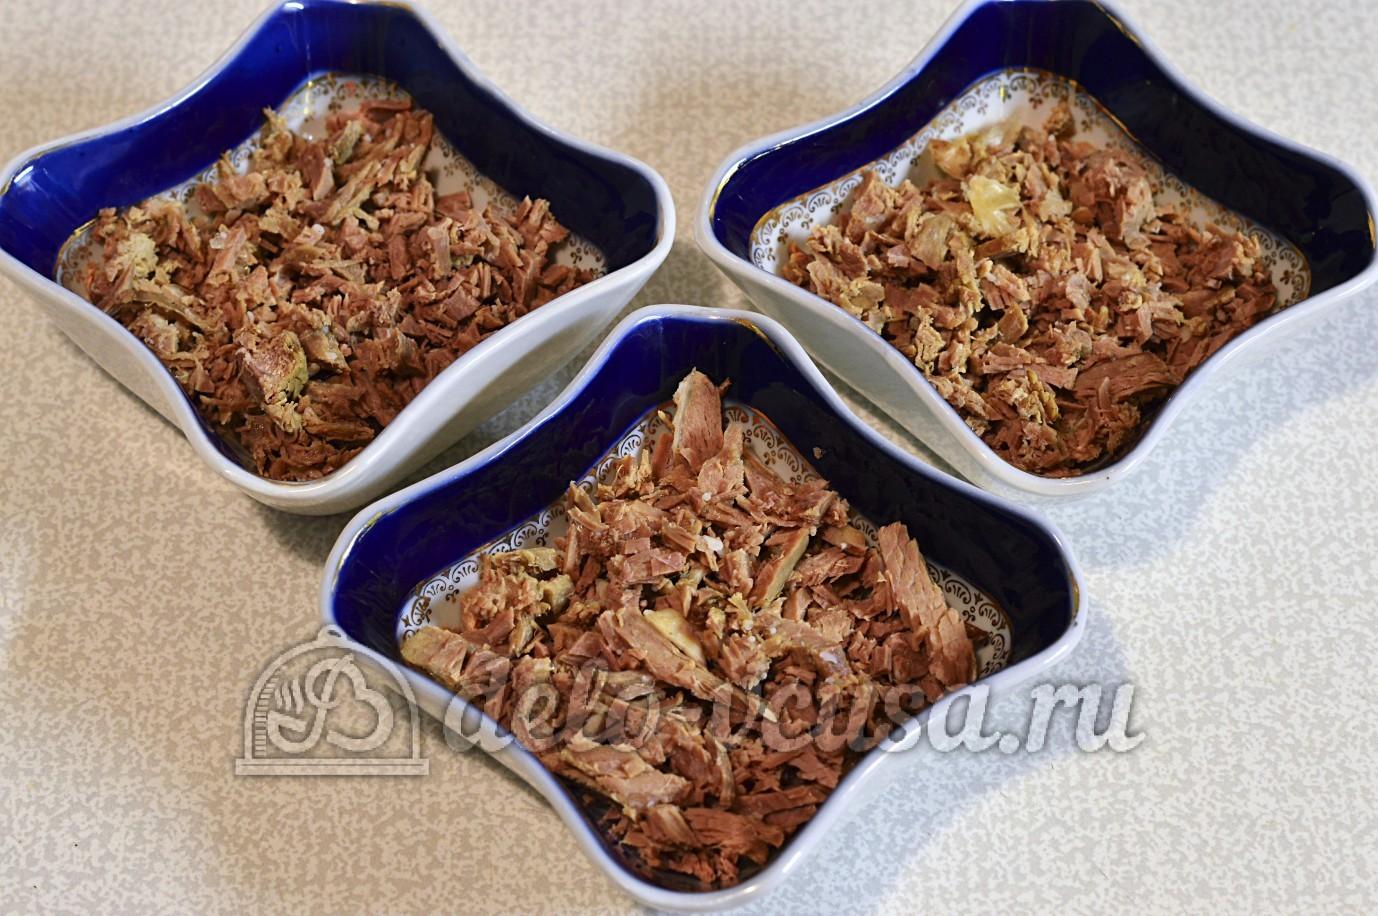 салат мясной с яблоками рецепты